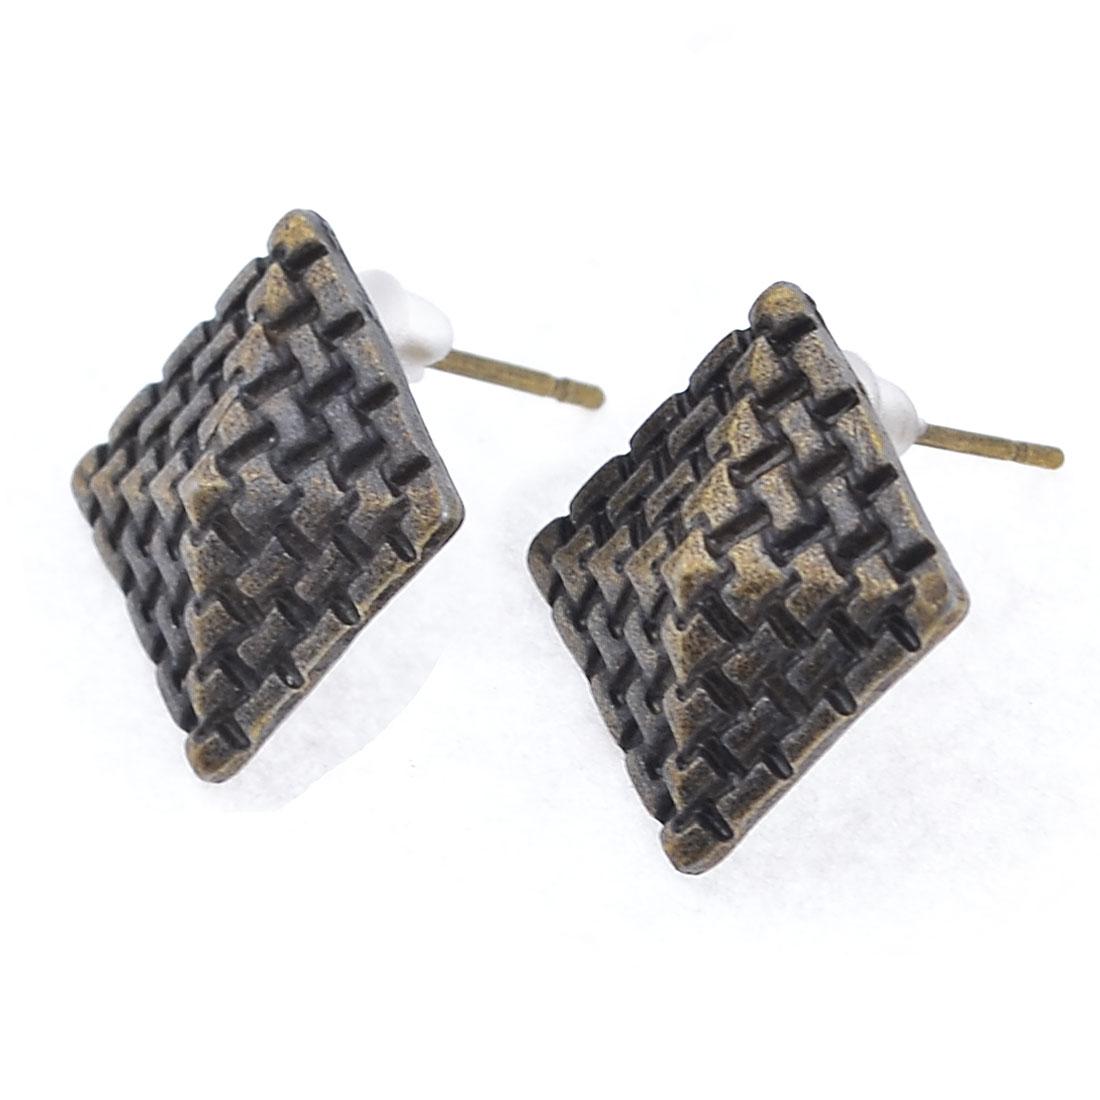 Woman Pair Pyramid Design Metal Stud Earbobs Earrings Gray